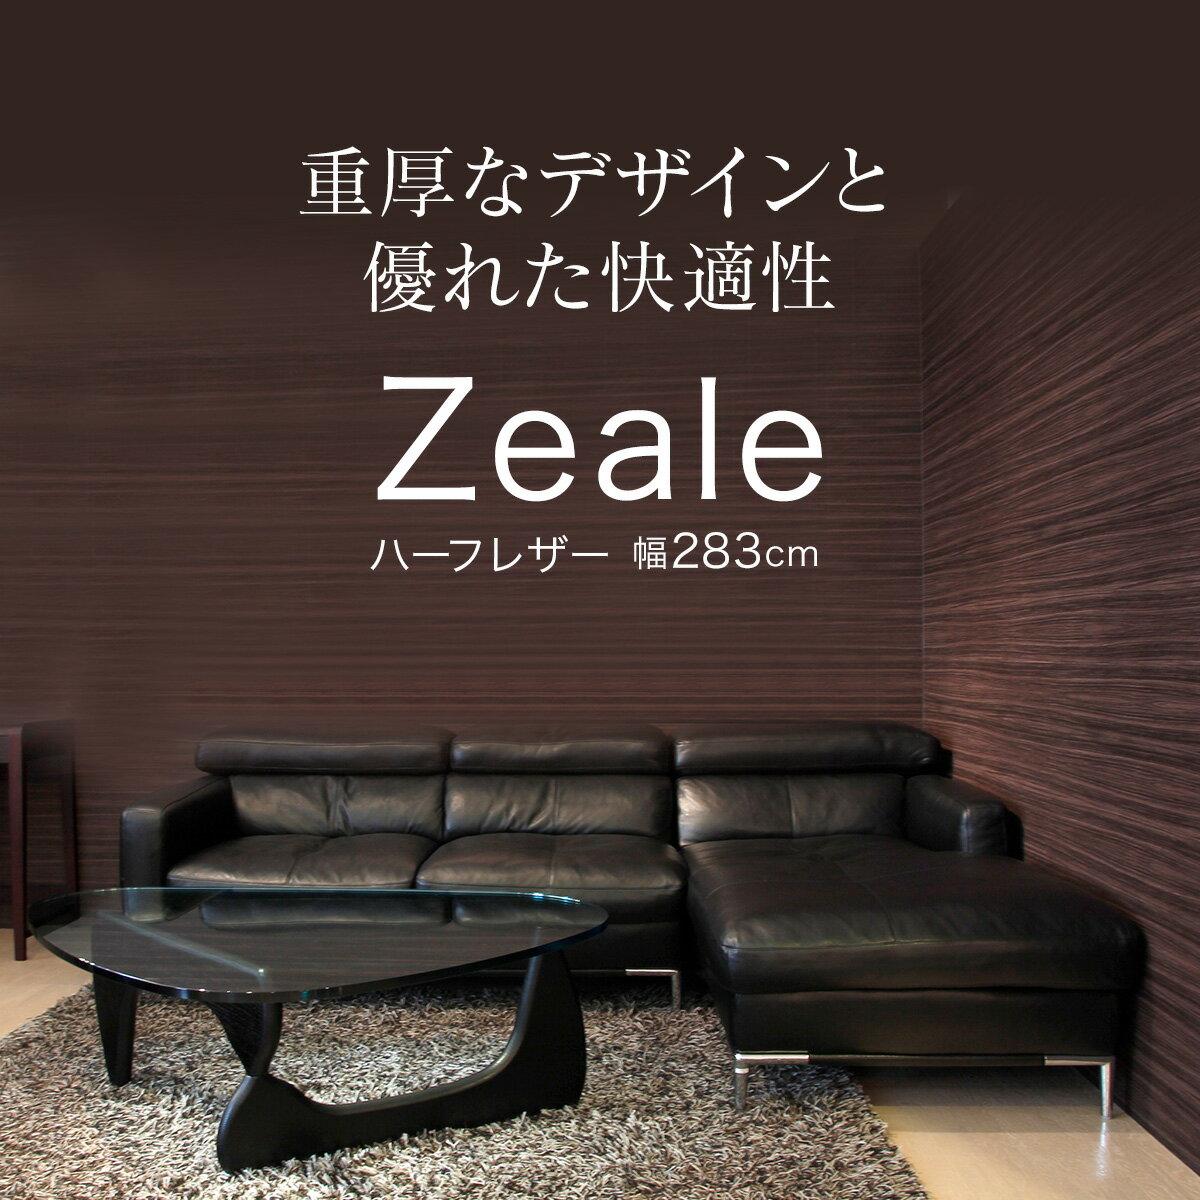 カウチソファー コーナーソファ ソファー 3人掛け レザー 3年保証 ブラック 幅283 左右対応 ヘッドレスト ハーフレザー 革 Zeale ジール クラスティーナ